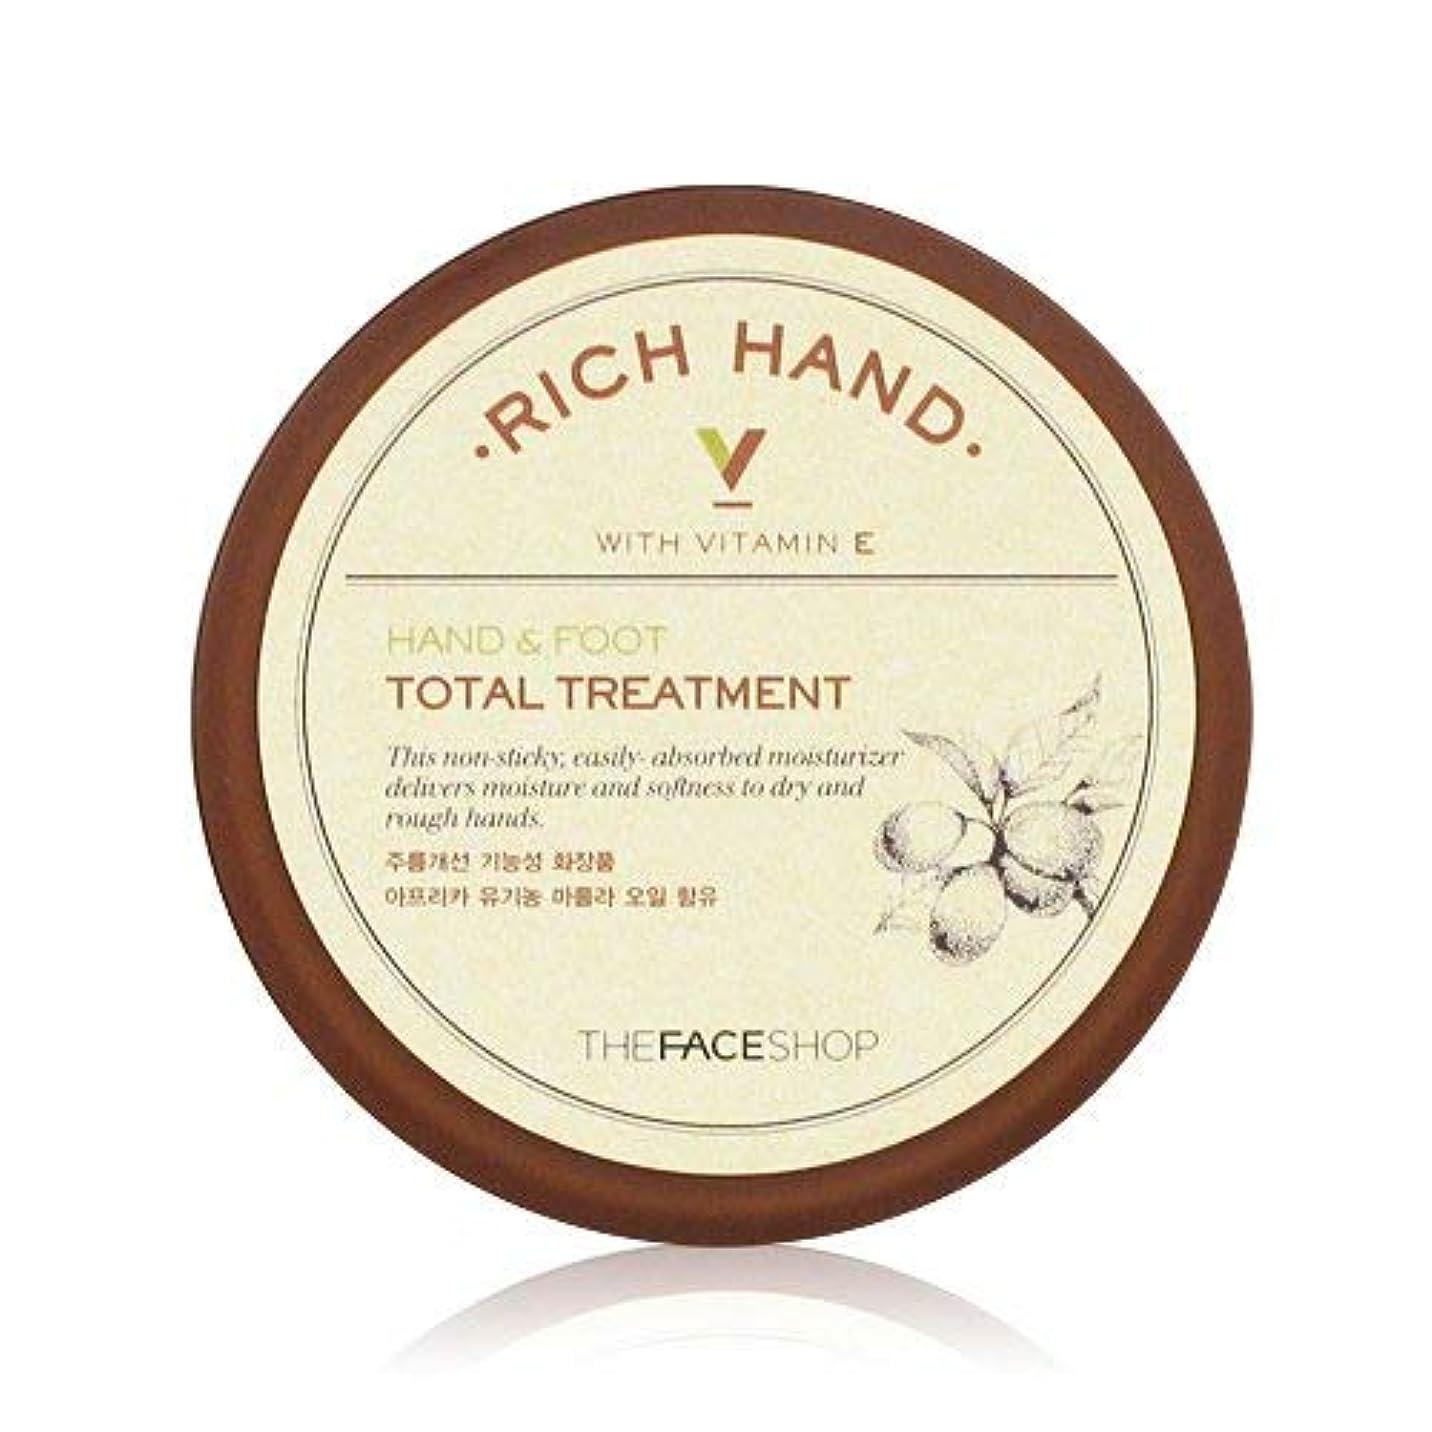 立方体ほんのマイナスTHE FACE SHOP Rich Hand V Hand and Foot Total Treatment ザフェイスショップ リッチハンド V ハンド? フット トータルトリートメント [並行輸入品]